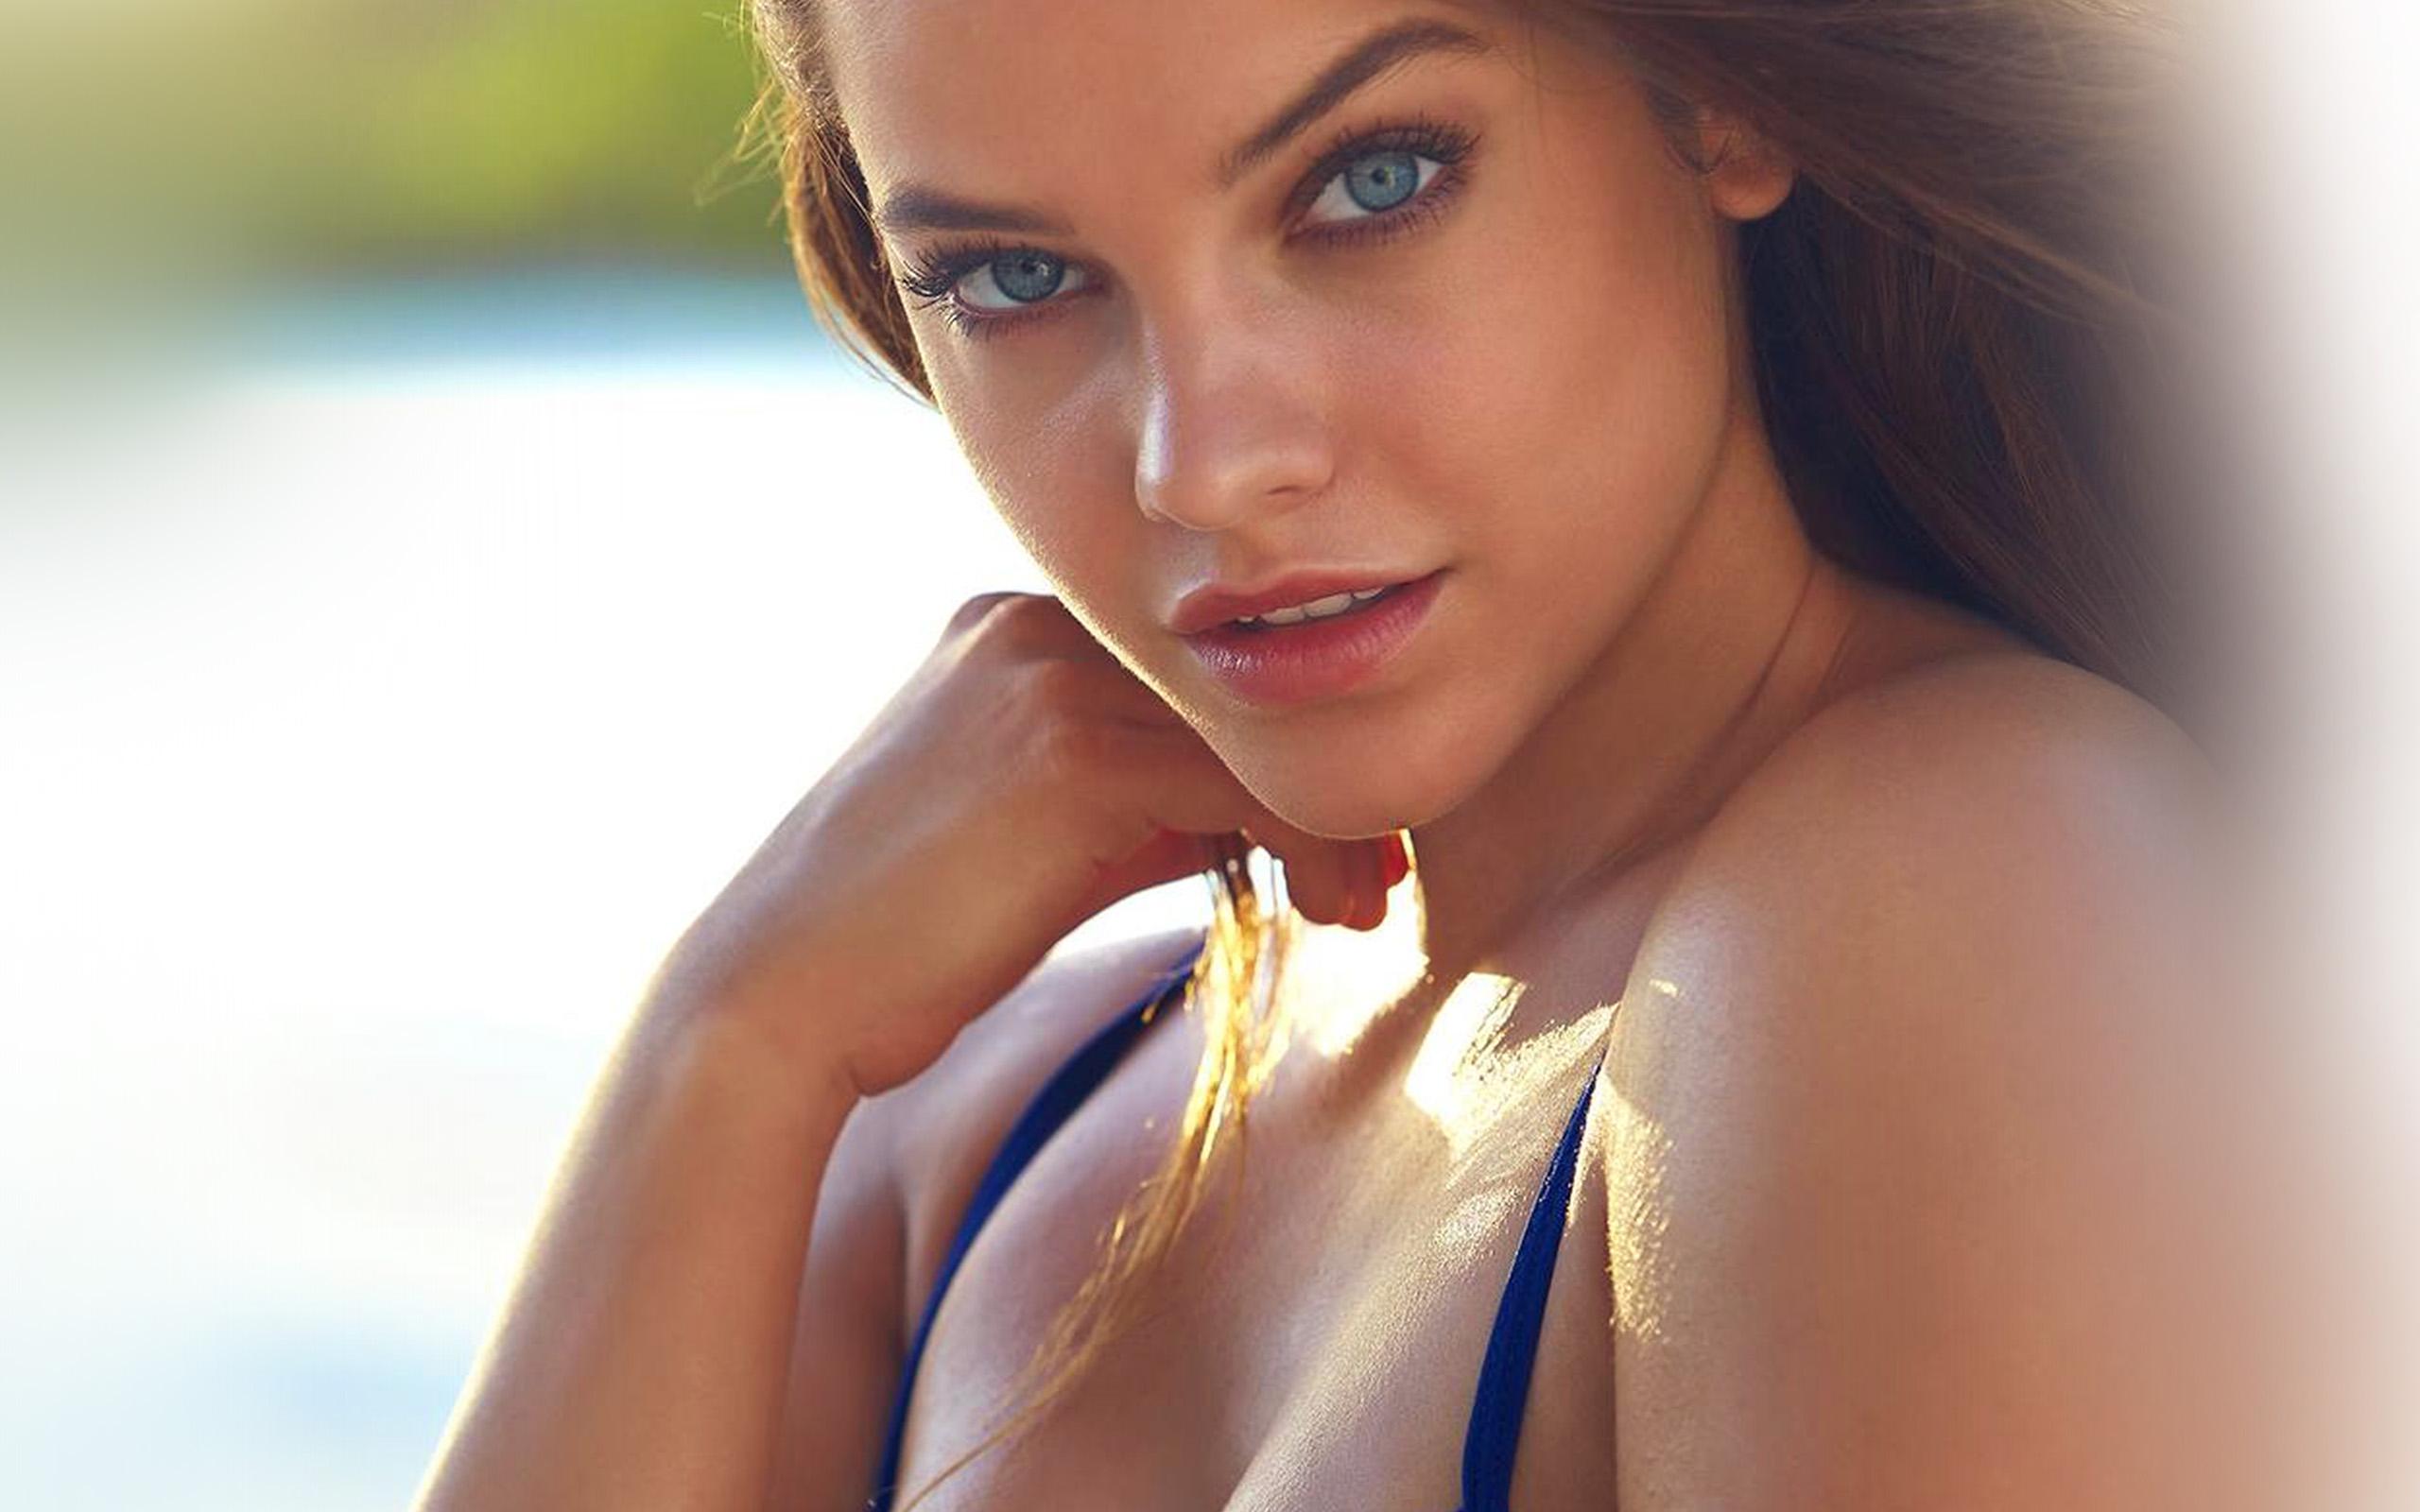 Wallpapers bikini girl